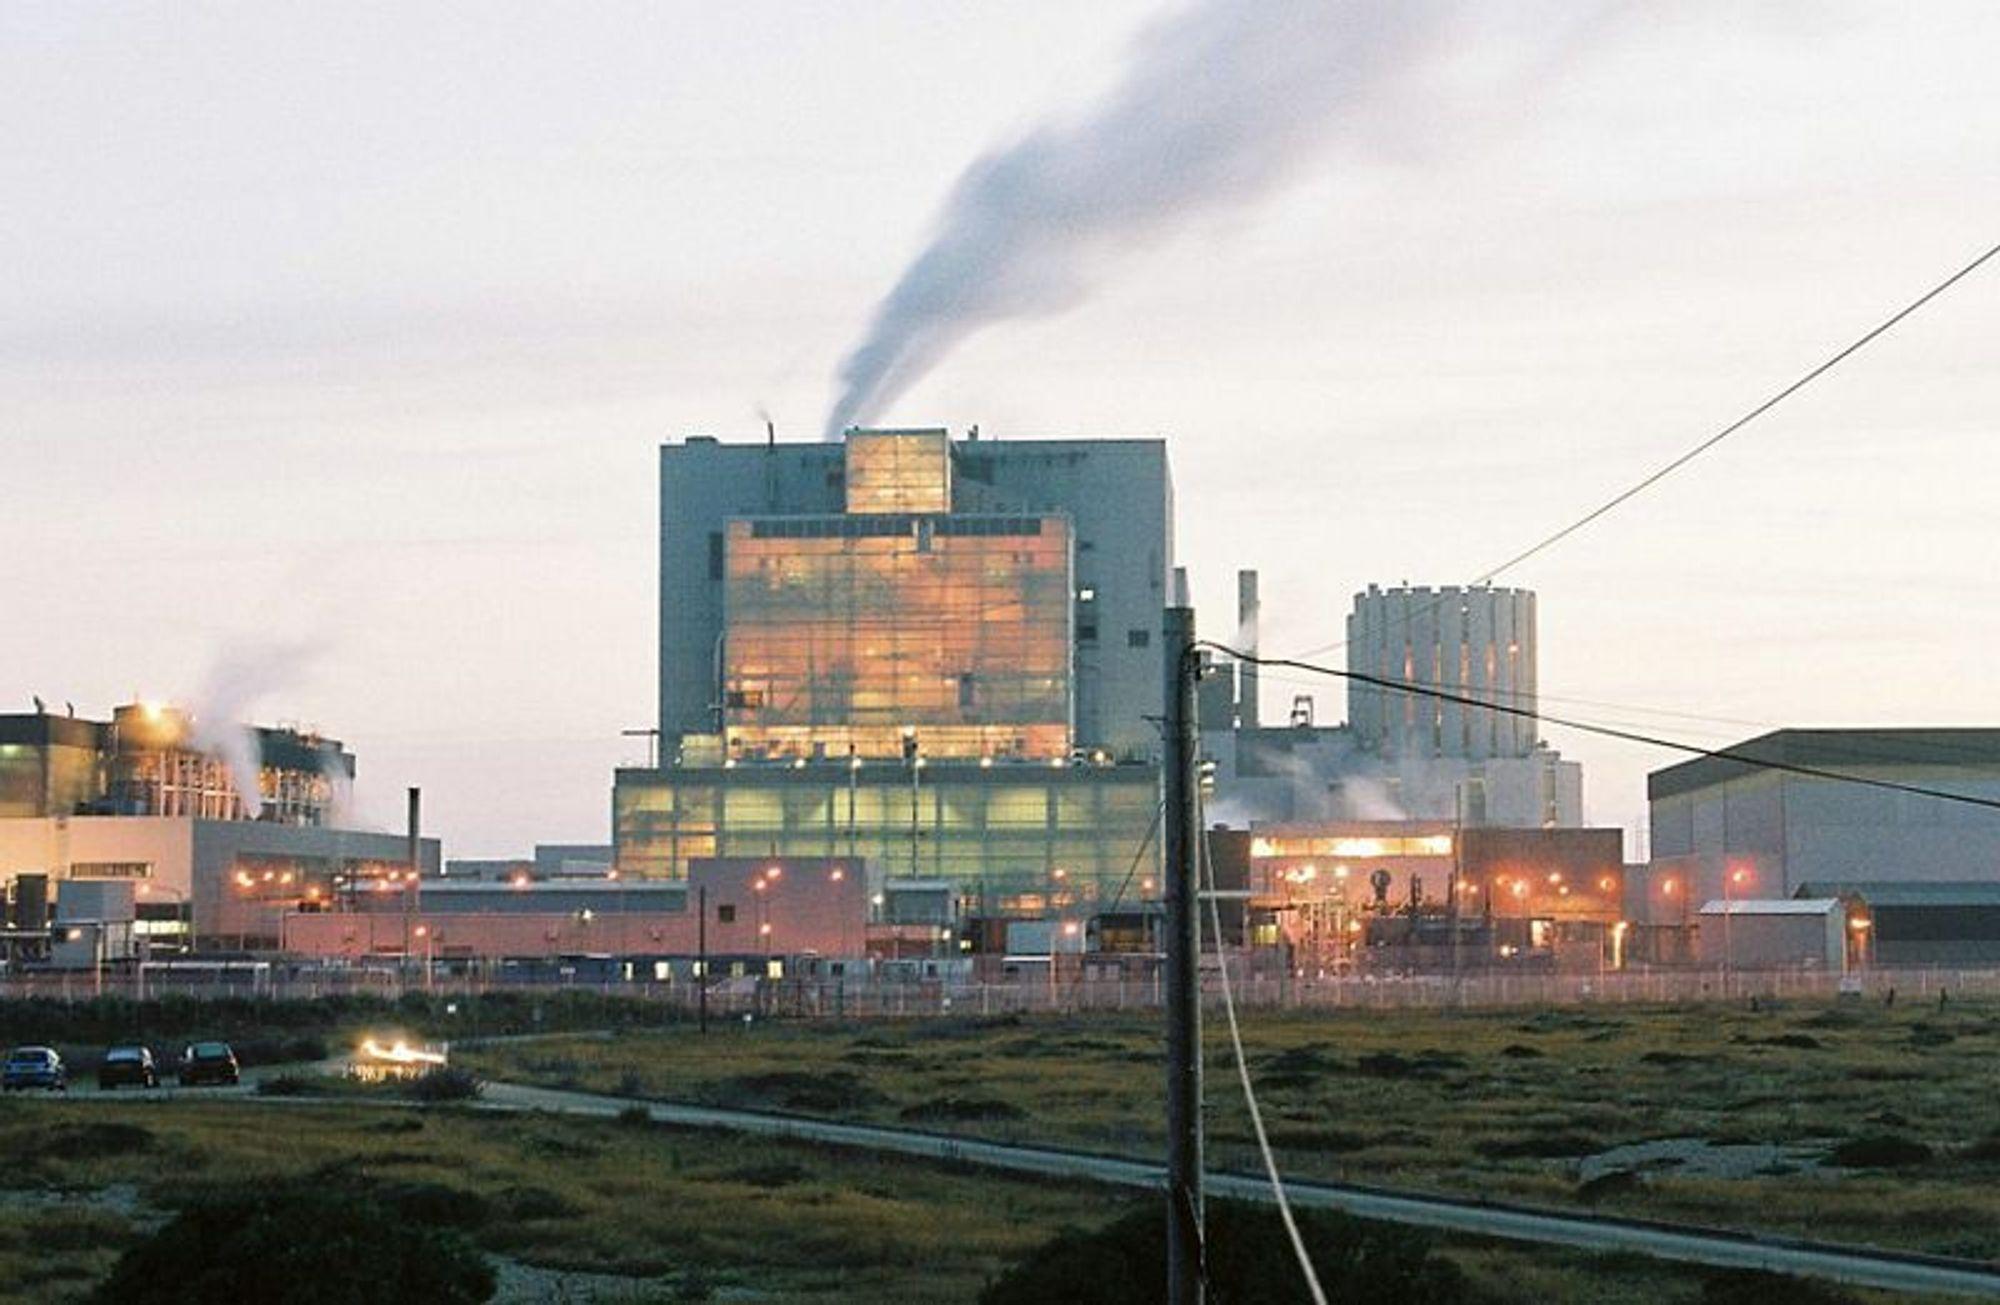 MER KJERNEKRAFT: Atomkraftverket Dunggeness A i Storbritannia ble stengt i 2006 og skal demonteres. Men britiske ingeniører vil ha 30 nye atomkraftverk for å skaffe mer CO2-fri energi.